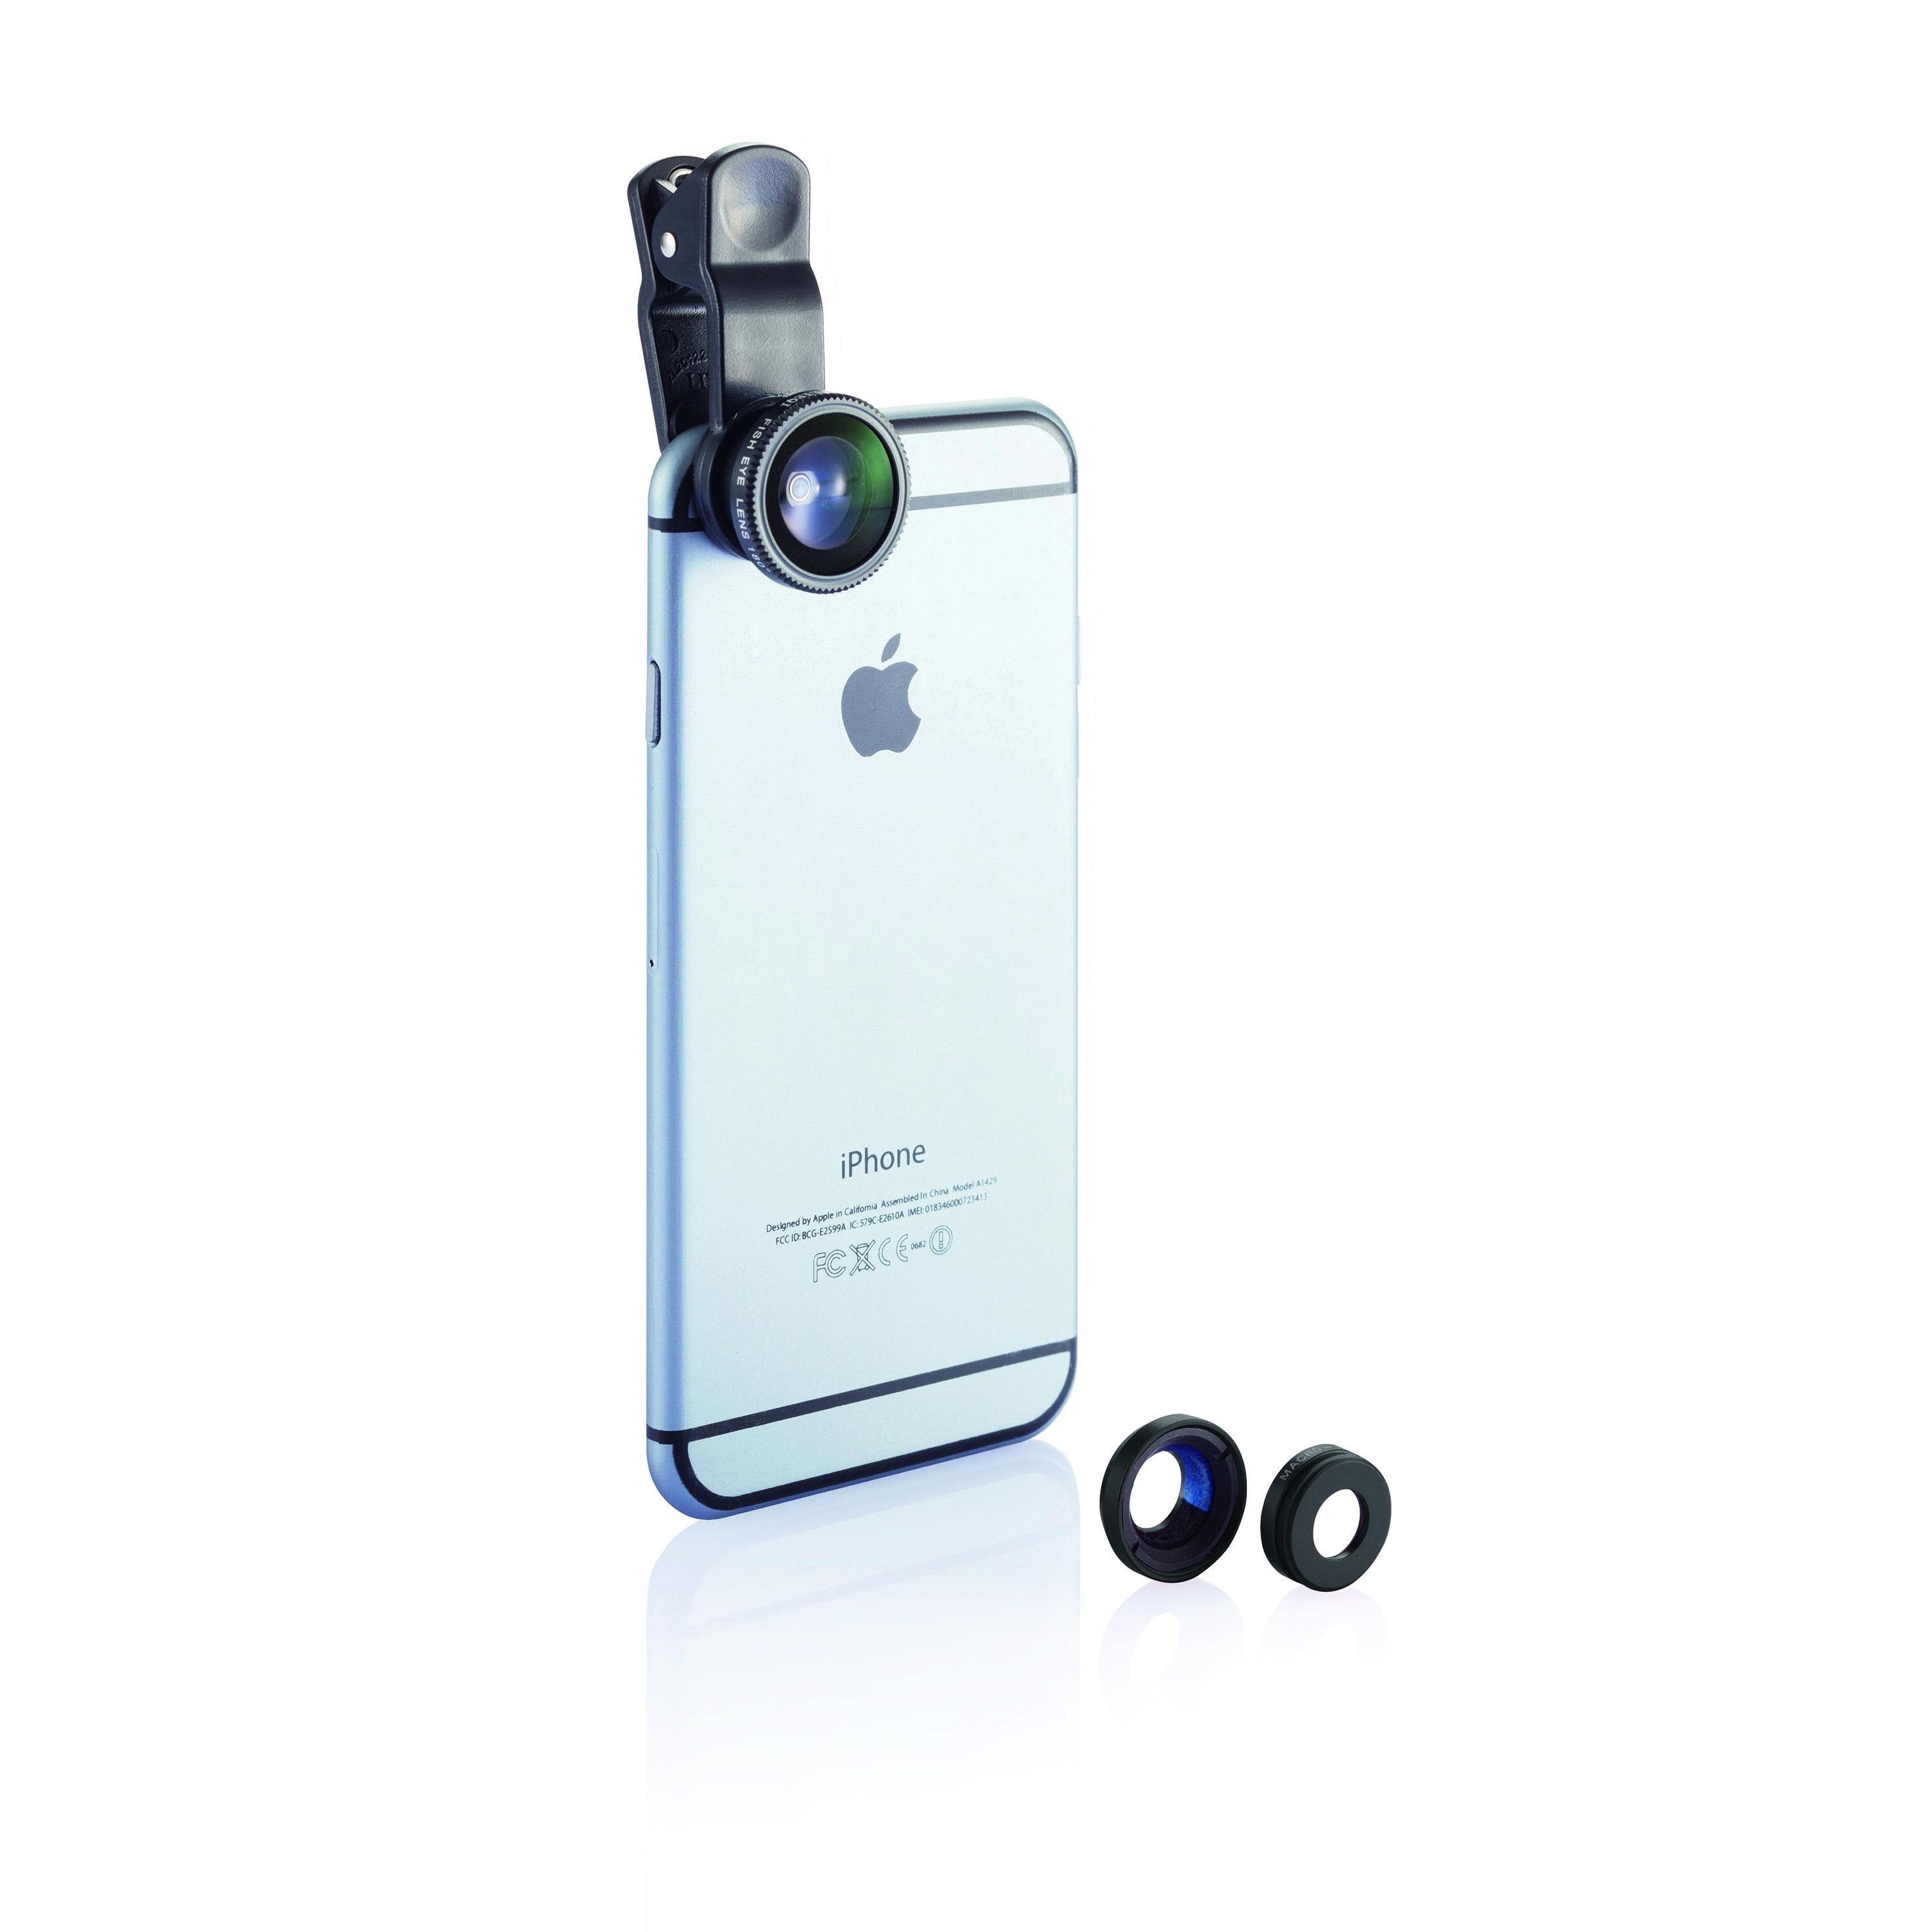 Set 3 pièces pour caméra téléphone portable - cadeau d'entreprise